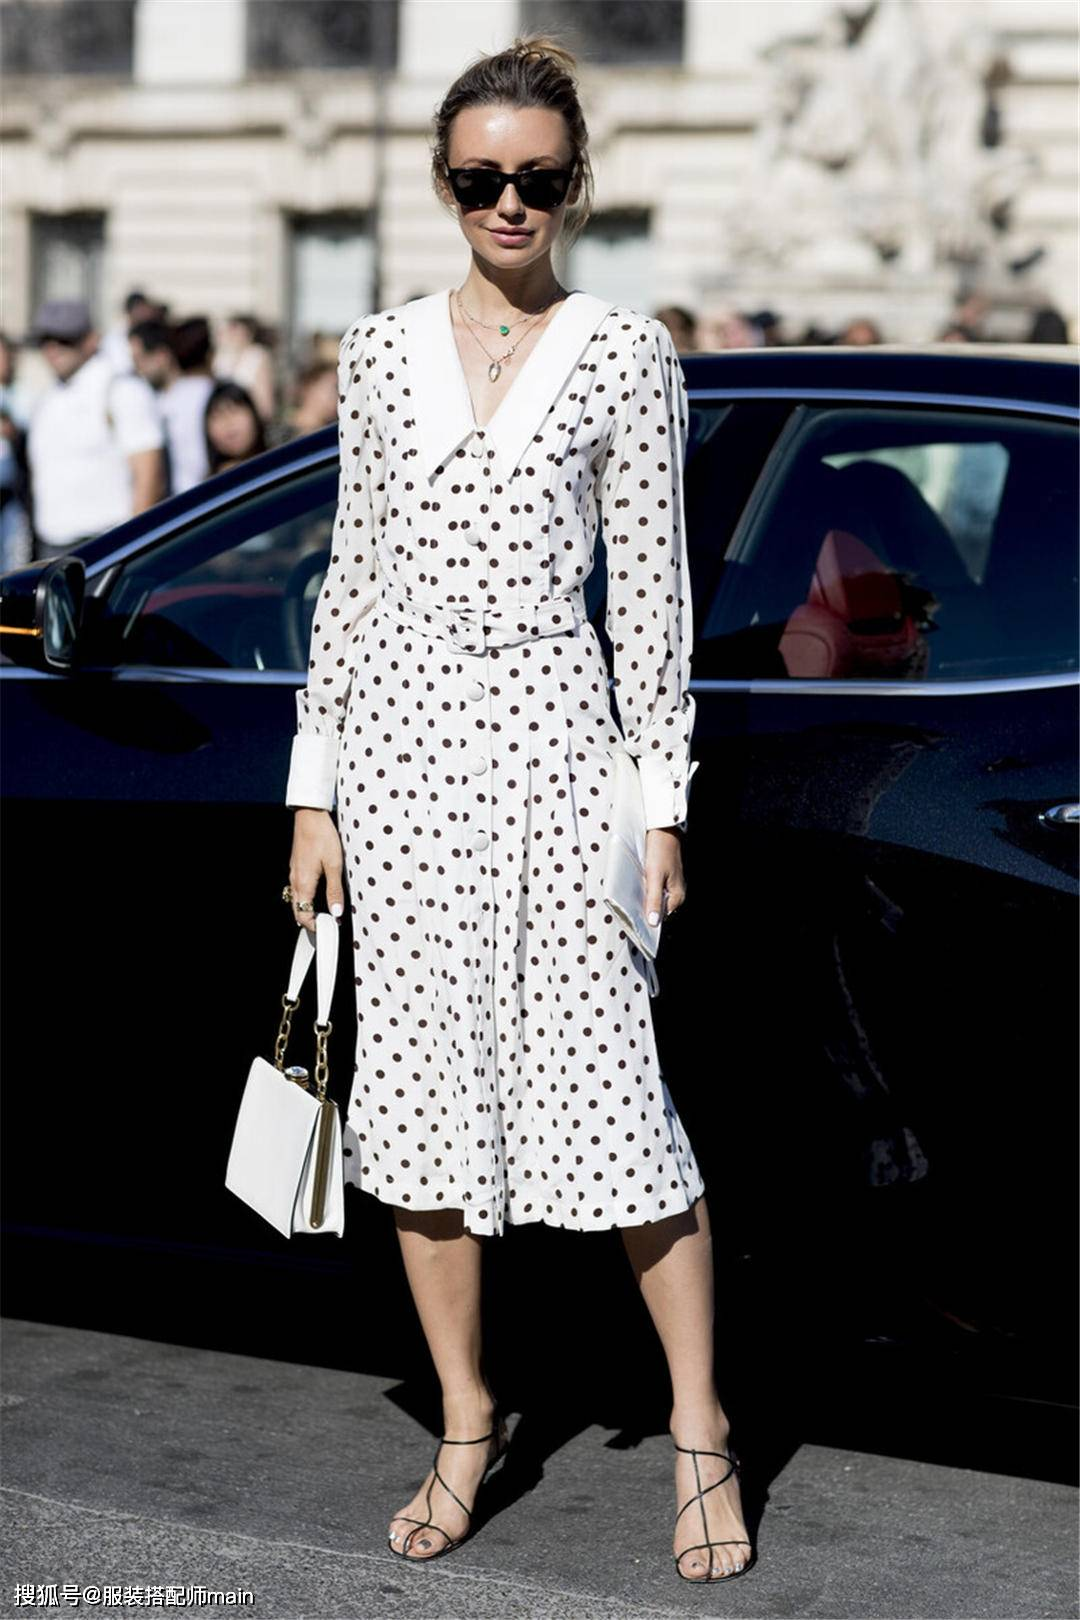 原创             茶歇裙遮肉显瘦,为什么穿上不够好看?可能是你没注意这些细节